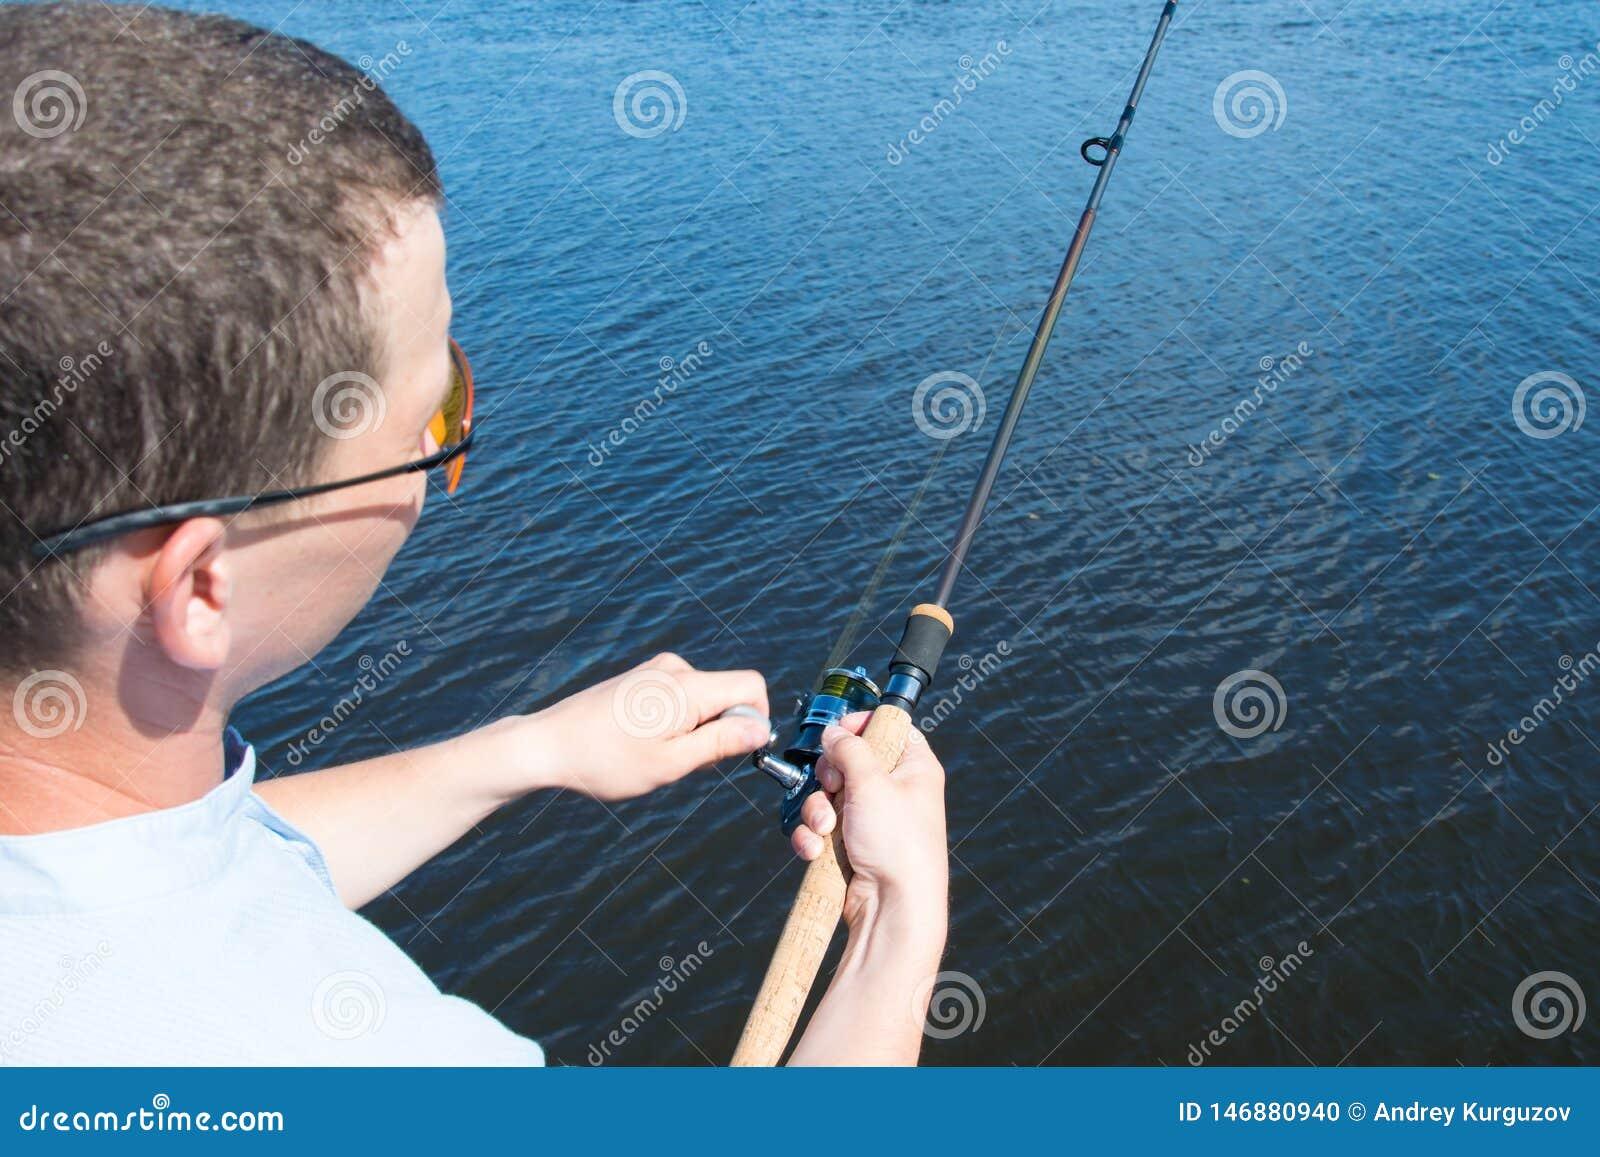 Närbild mot sjön, en man i gula exponeringsglas som rymmer en metspö för att fiska